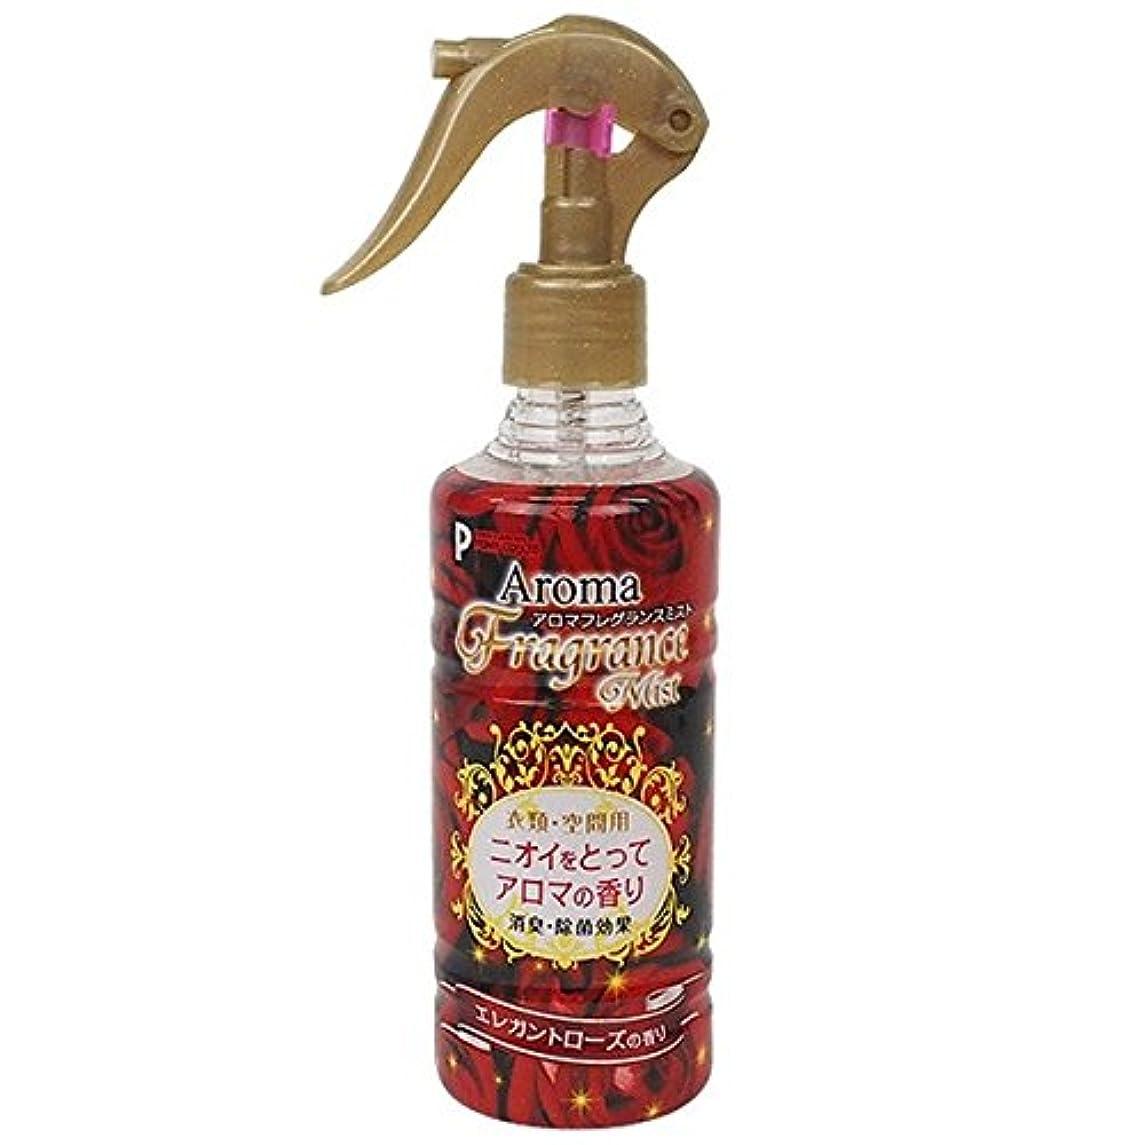 効果深さ好意的消臭スプレー アロマフレグランスミスト エレガントローズの香り 250ml